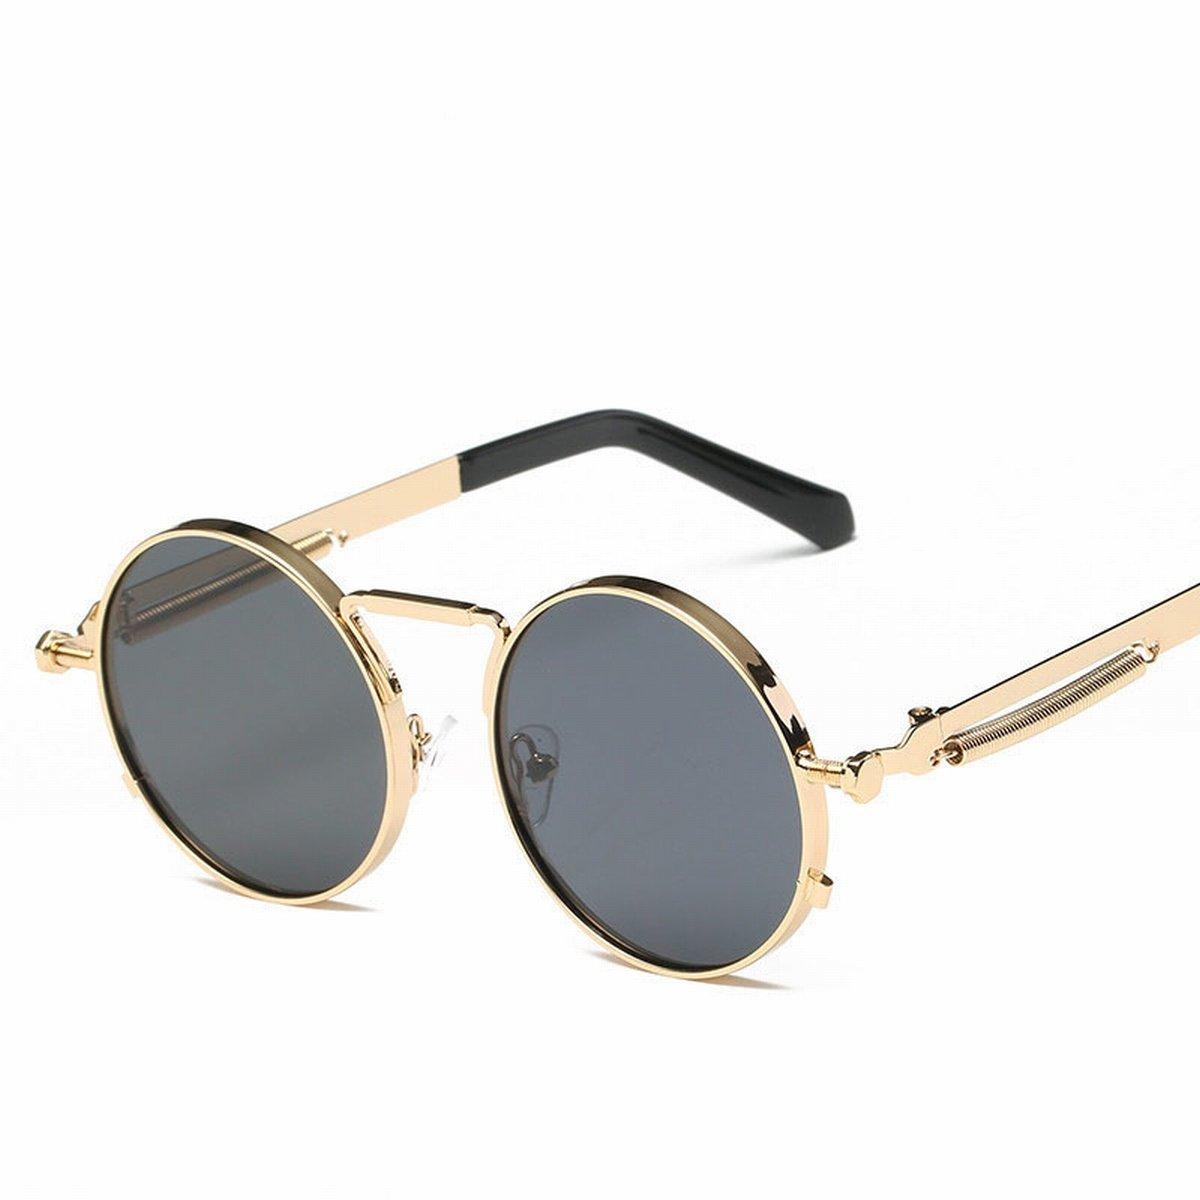 Runde Sonnenbrille Bunte RetroSonnenbrille Frühjahr Spiegel Beine ...